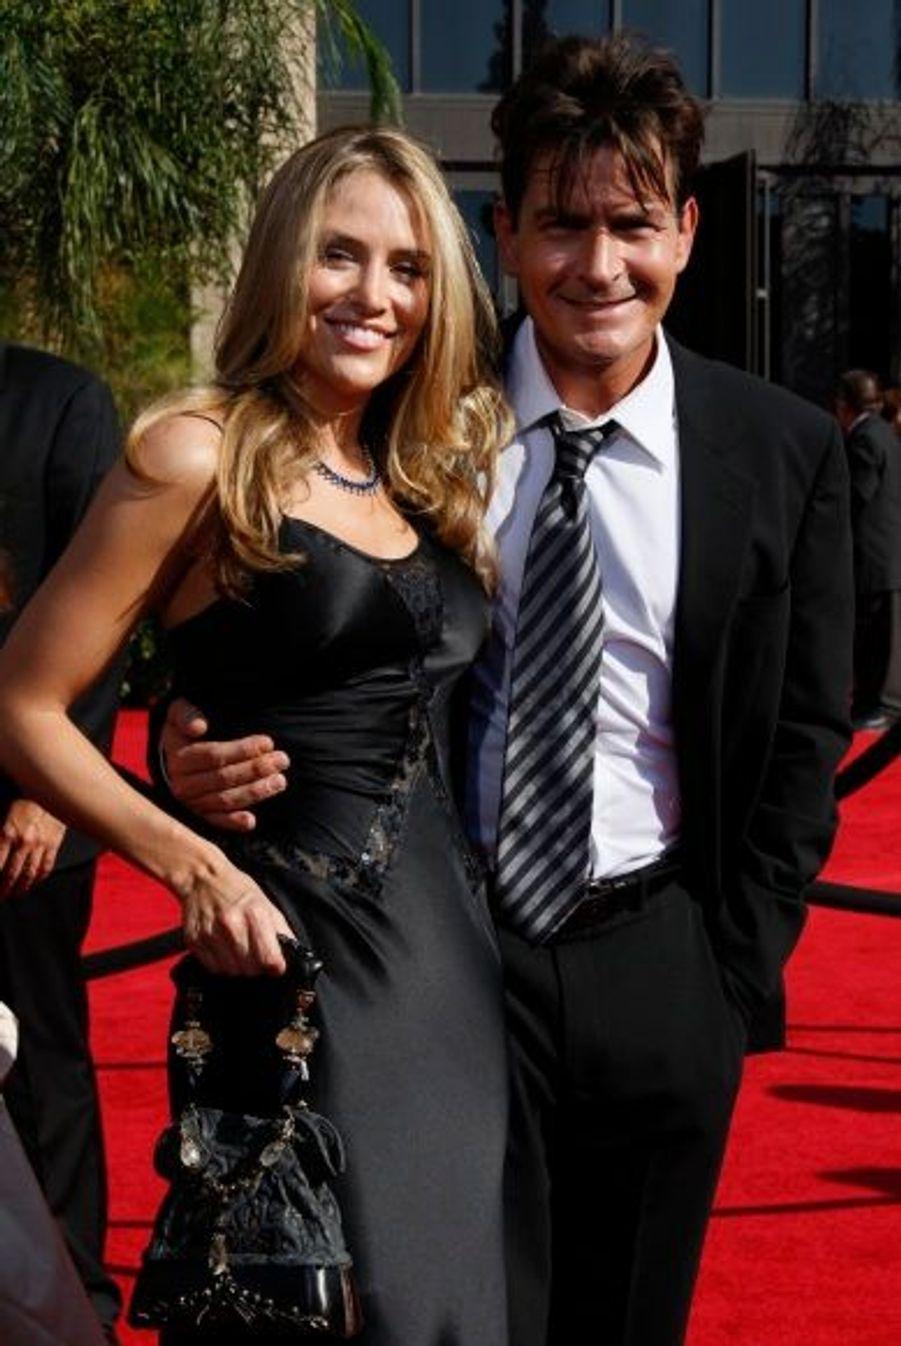 Le 30 mai 2008, Charlie Sheen et Brooke Mueller se sont mariés. Ce fut le troisième mariage pour l'acteur et le premier pour la jeune femme. Les jumeaux du couple, Bob et Max, sont nés le 14 mars 2009. Le 1er novembre 2010, le divorce est déclaré pour cause de «différends irréconciliables».